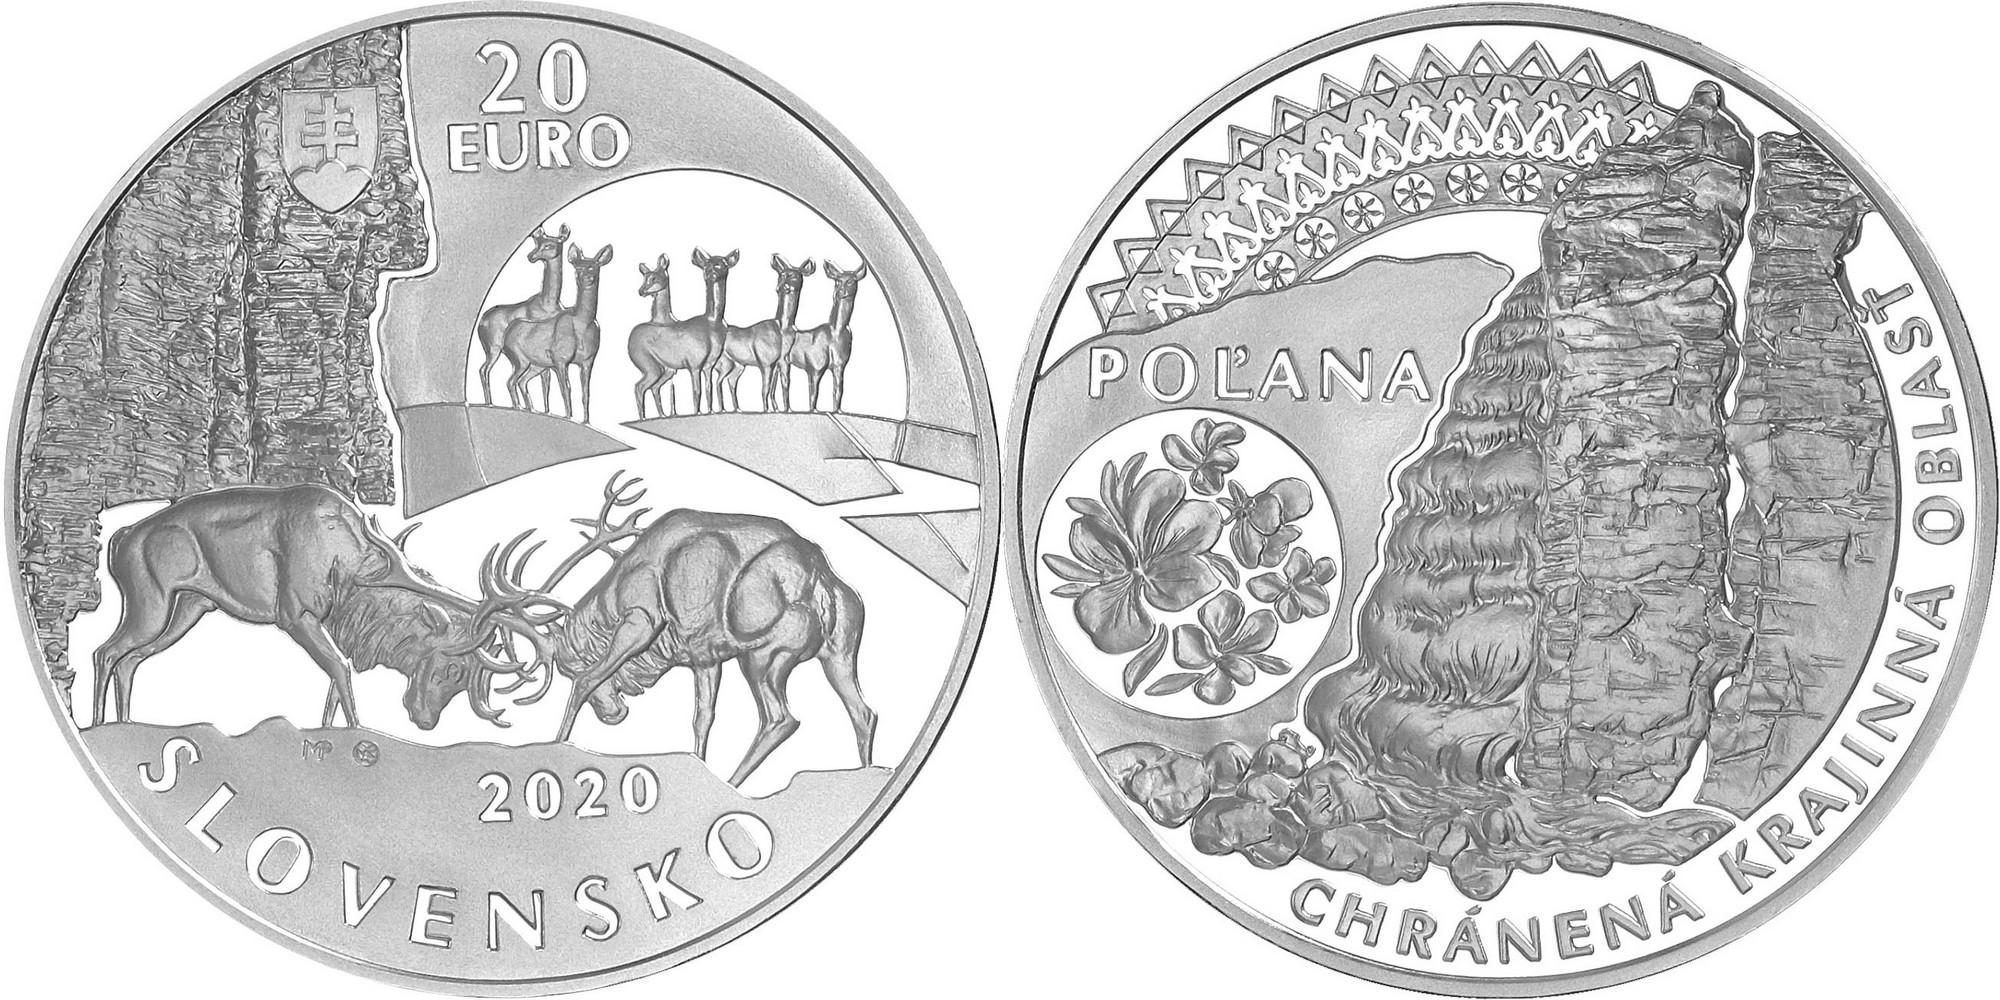 slovaquie-2020-montagnes-polana